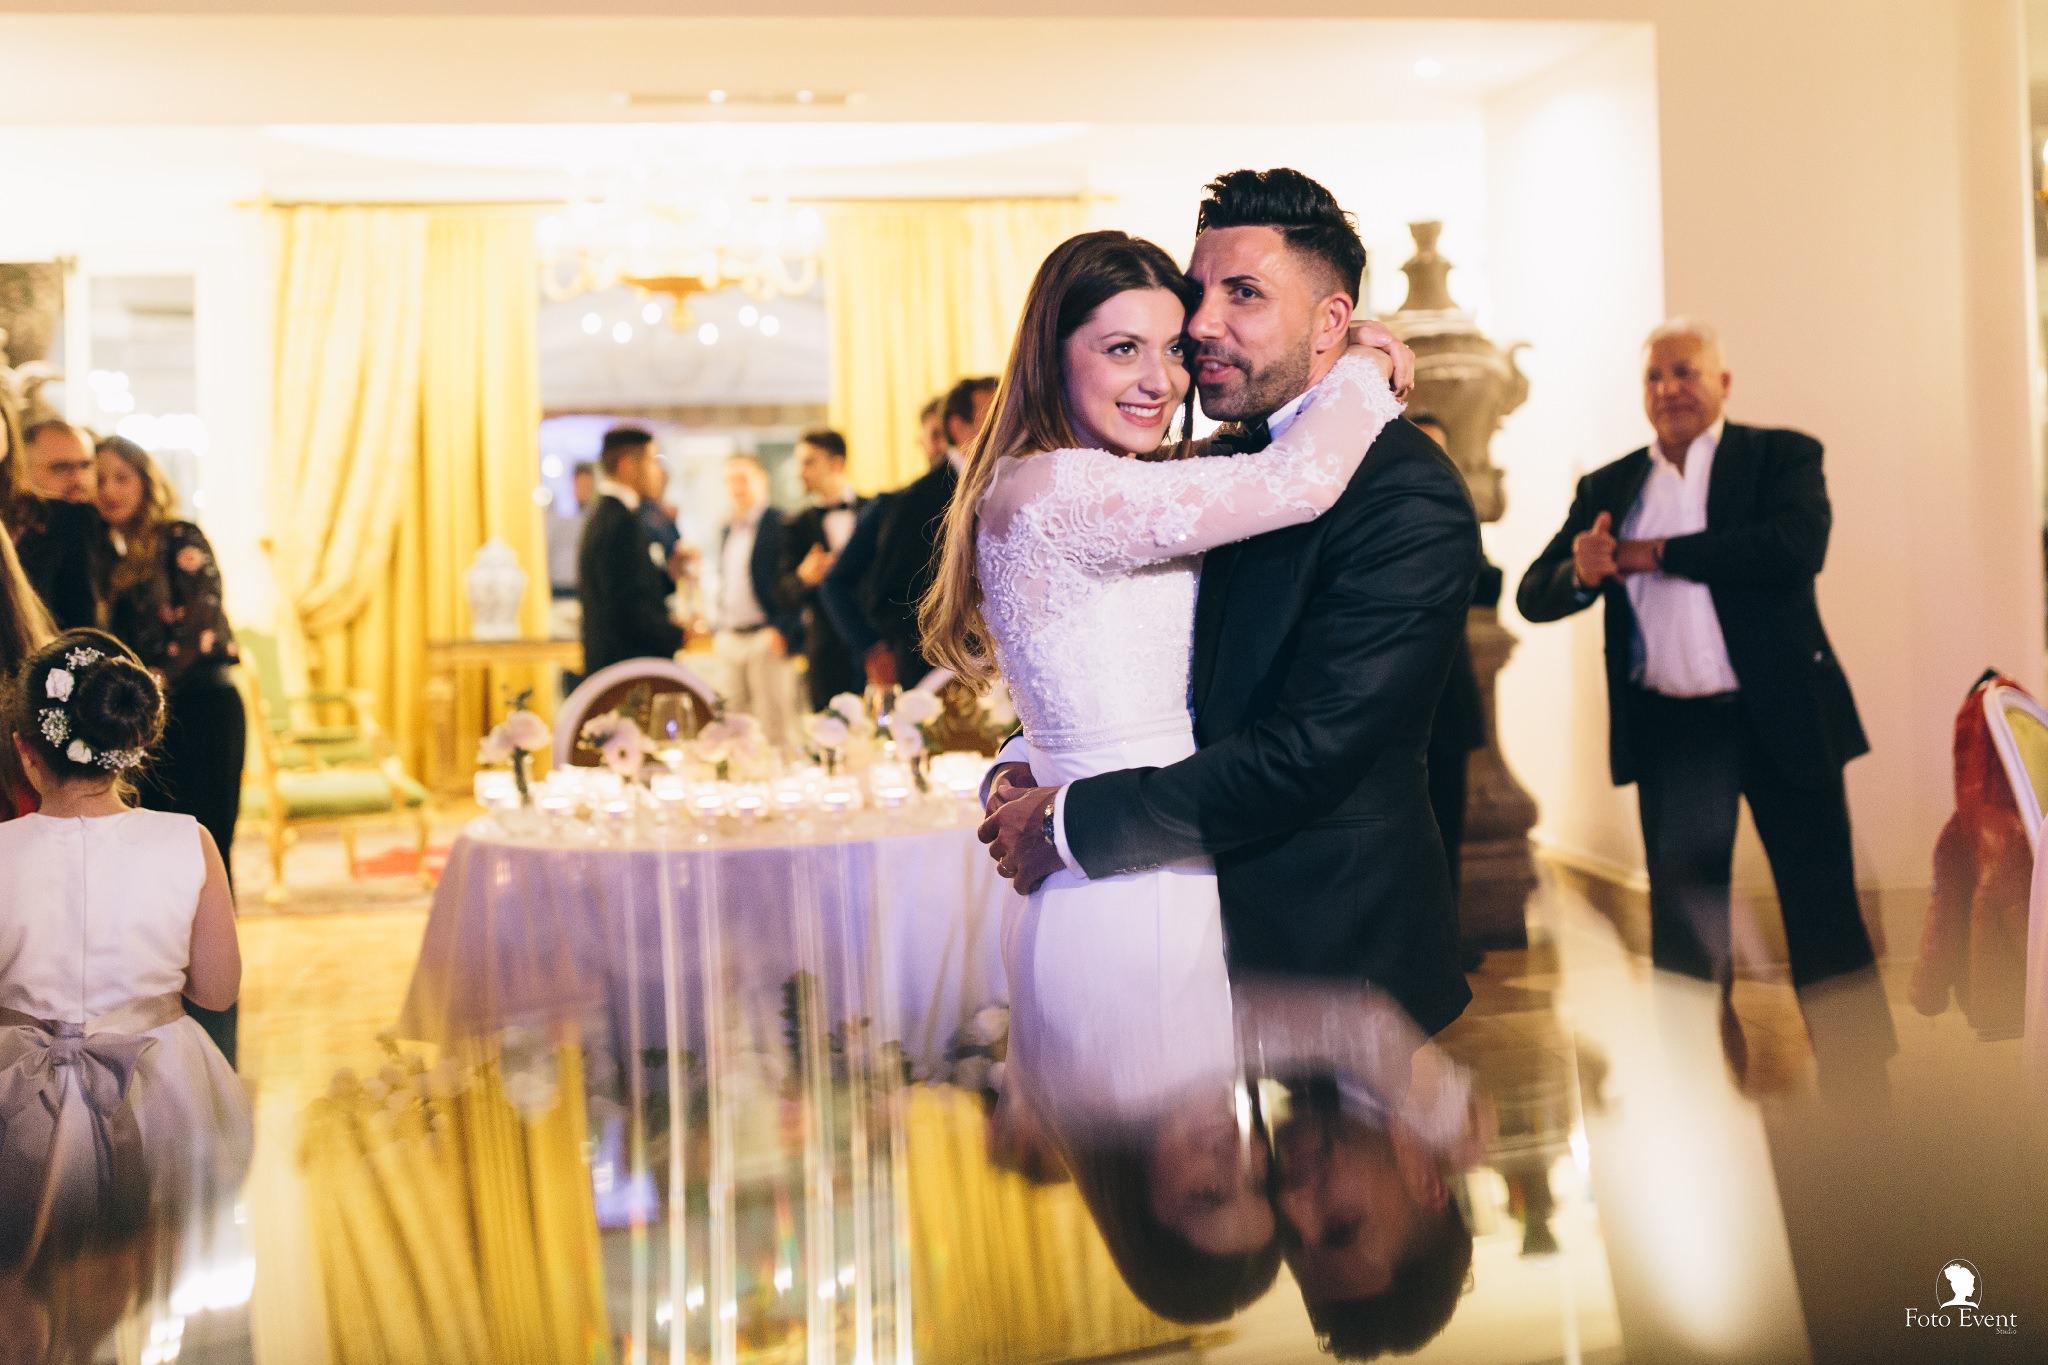 641-2019-05-09-Matrimonio-Maria-Concetta-e-Daniel-Gebbia-35mm-723